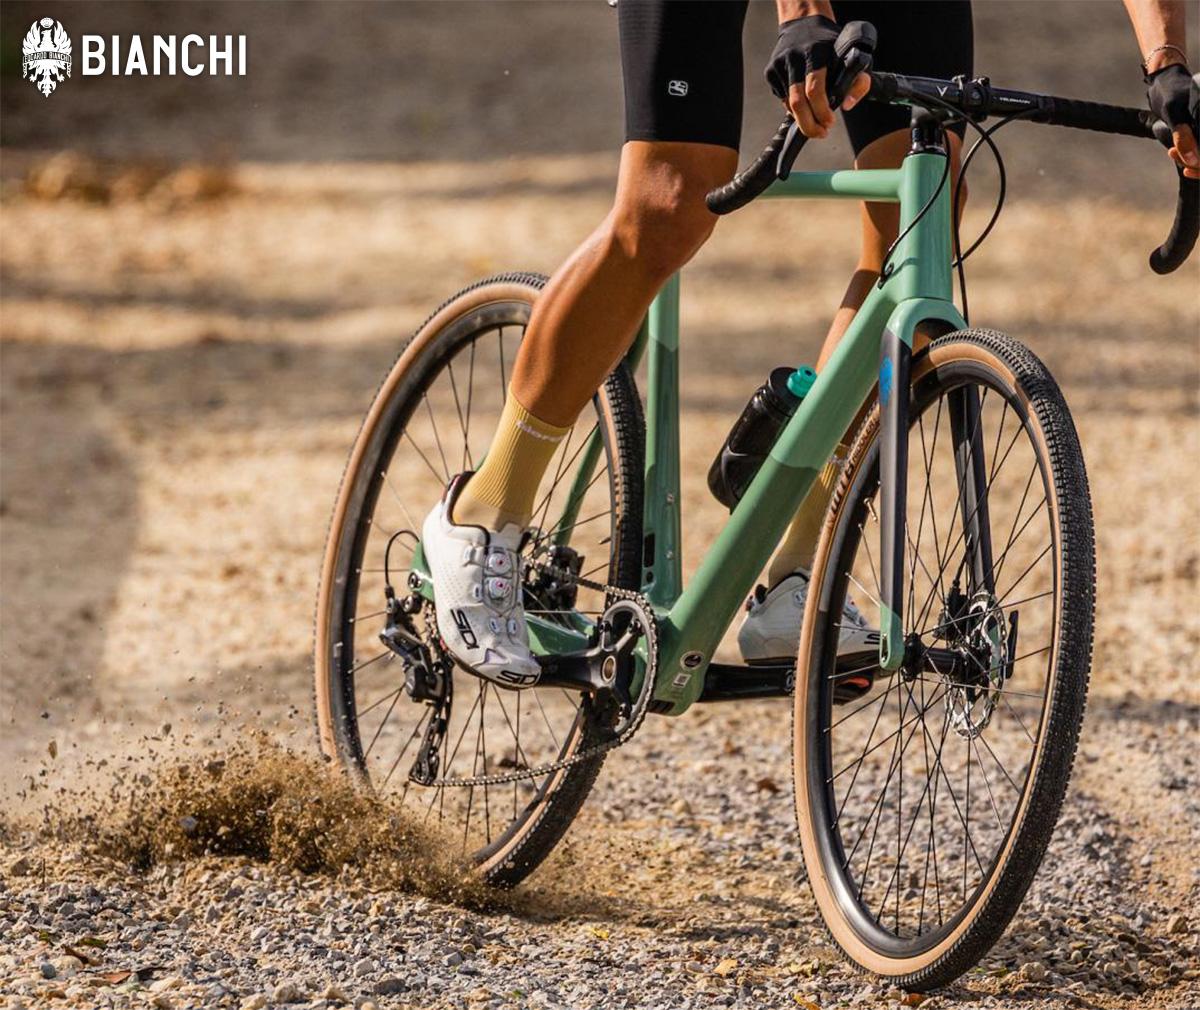 Un ciclista sgomma sullo sterrato con la nuova bici gravel Bianchi Impulso Pro 2022